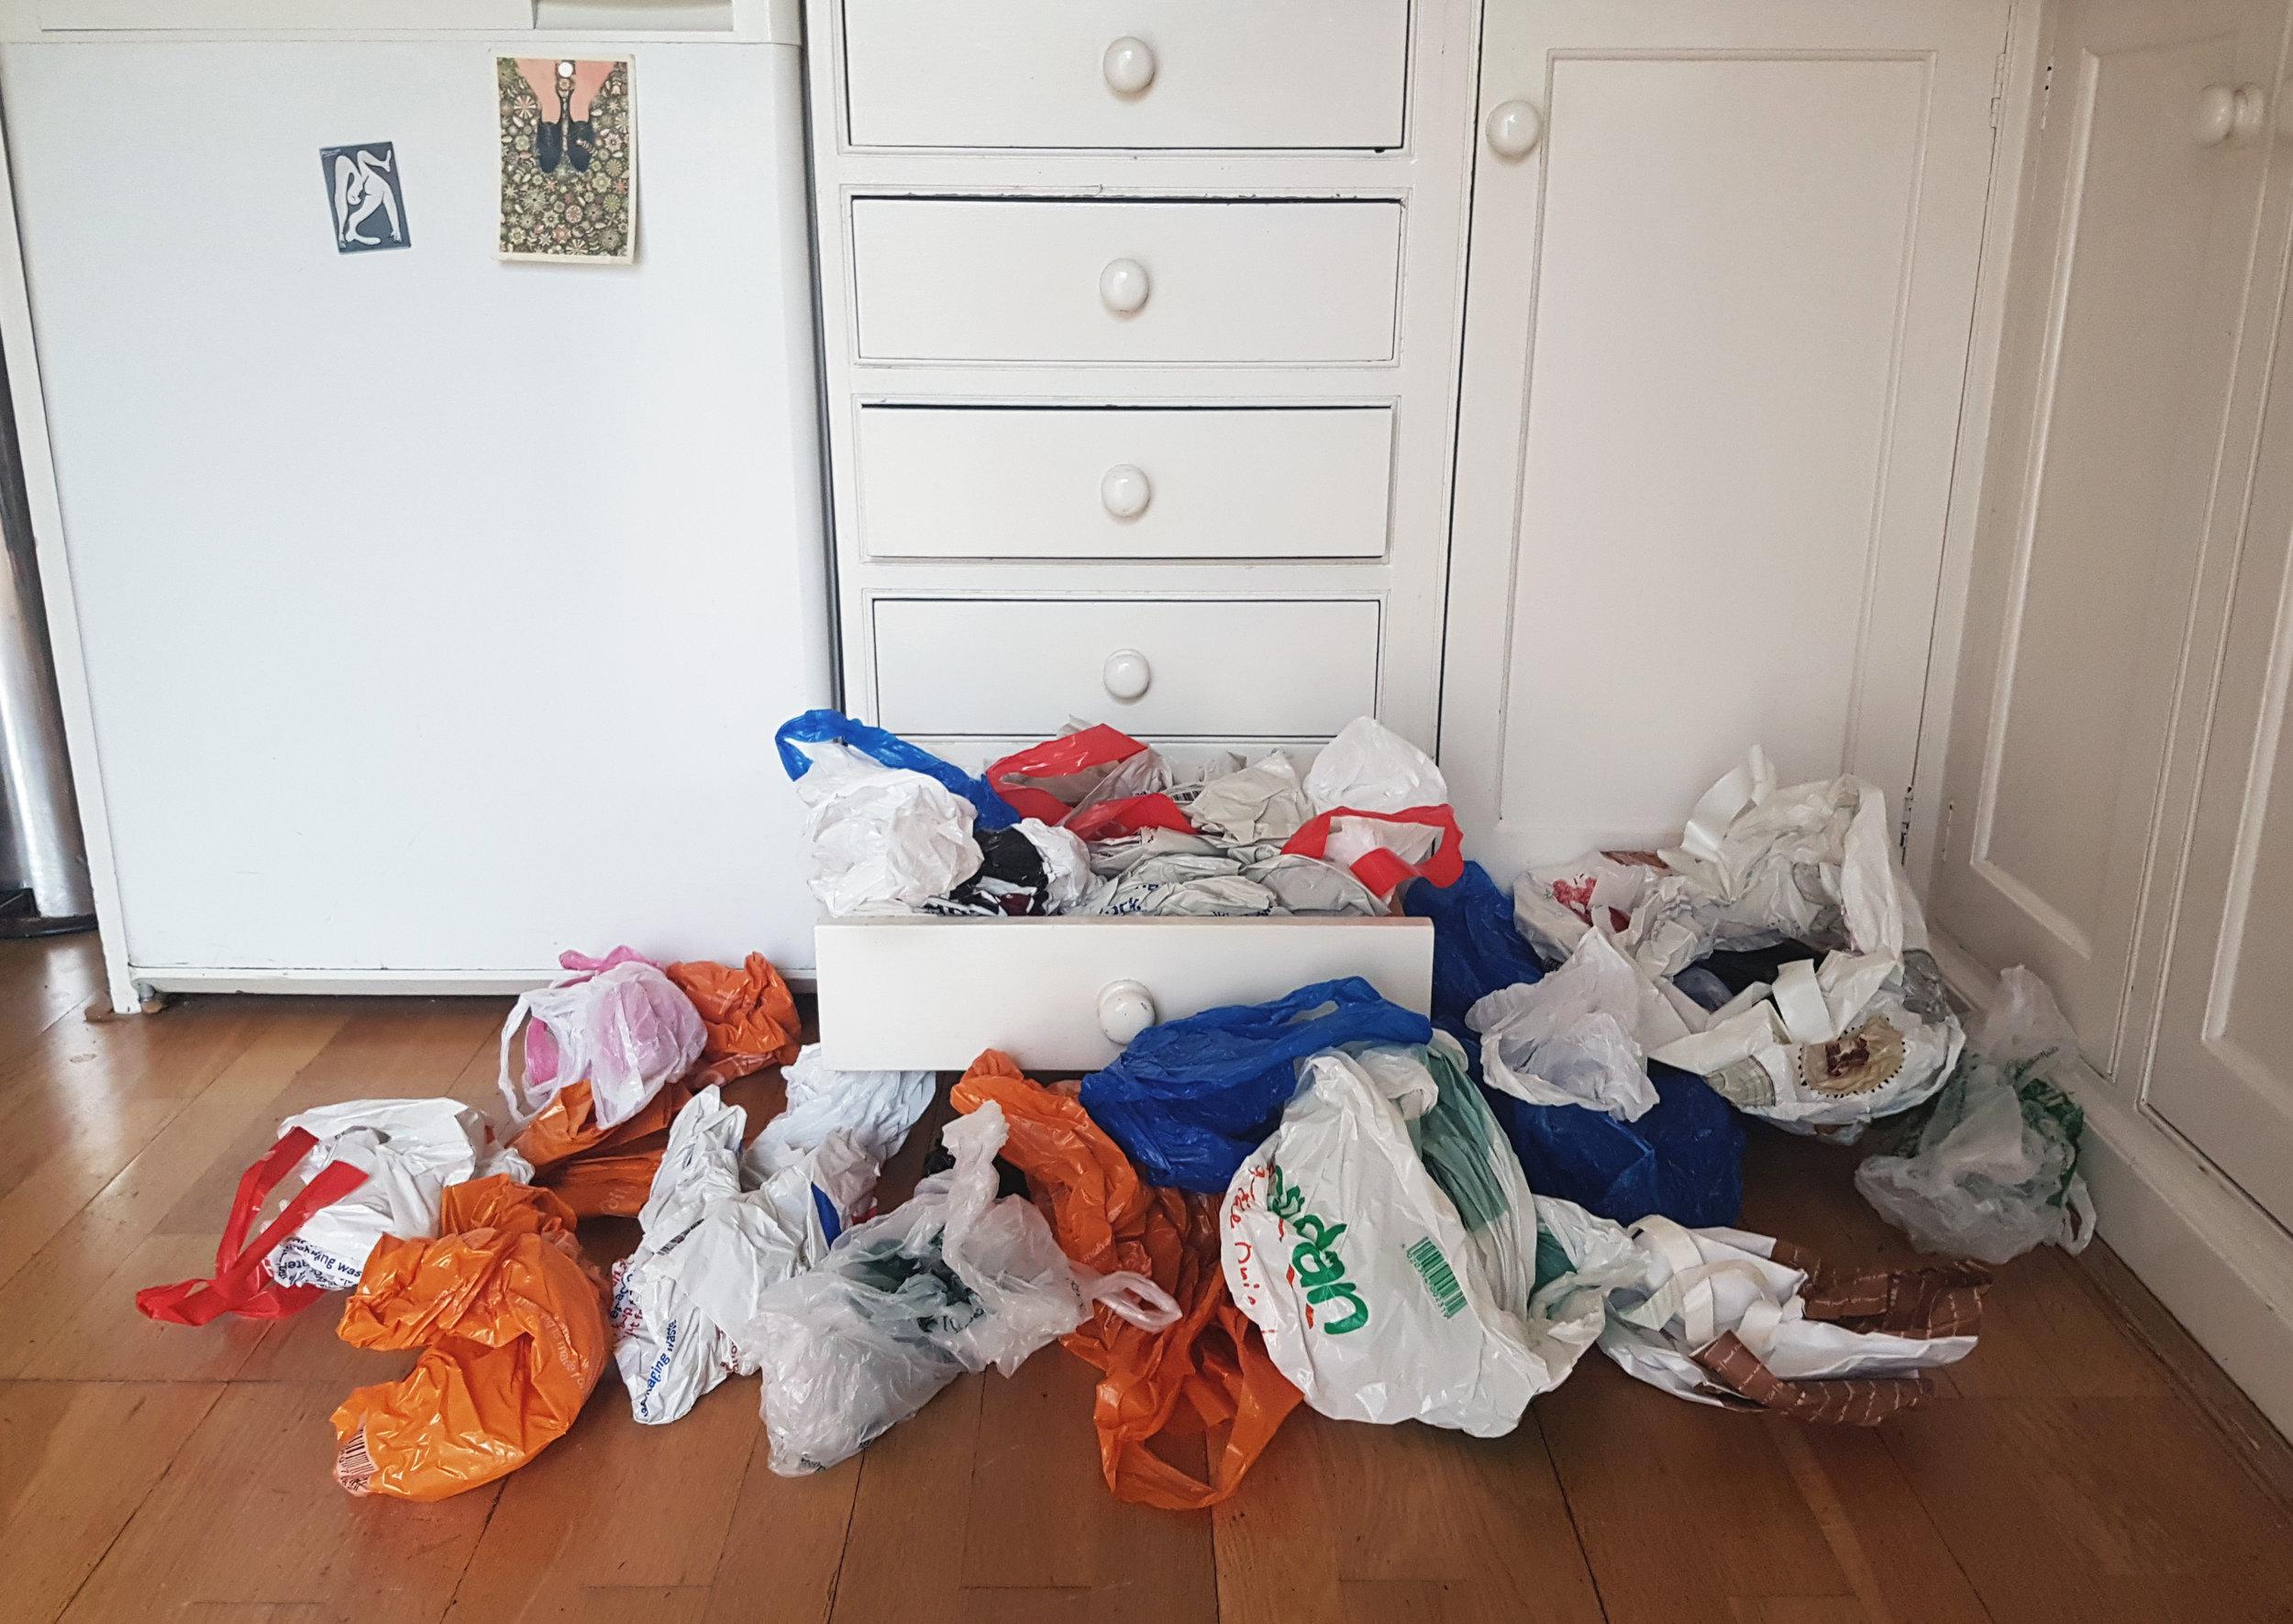 bags_in_drawer.jpg